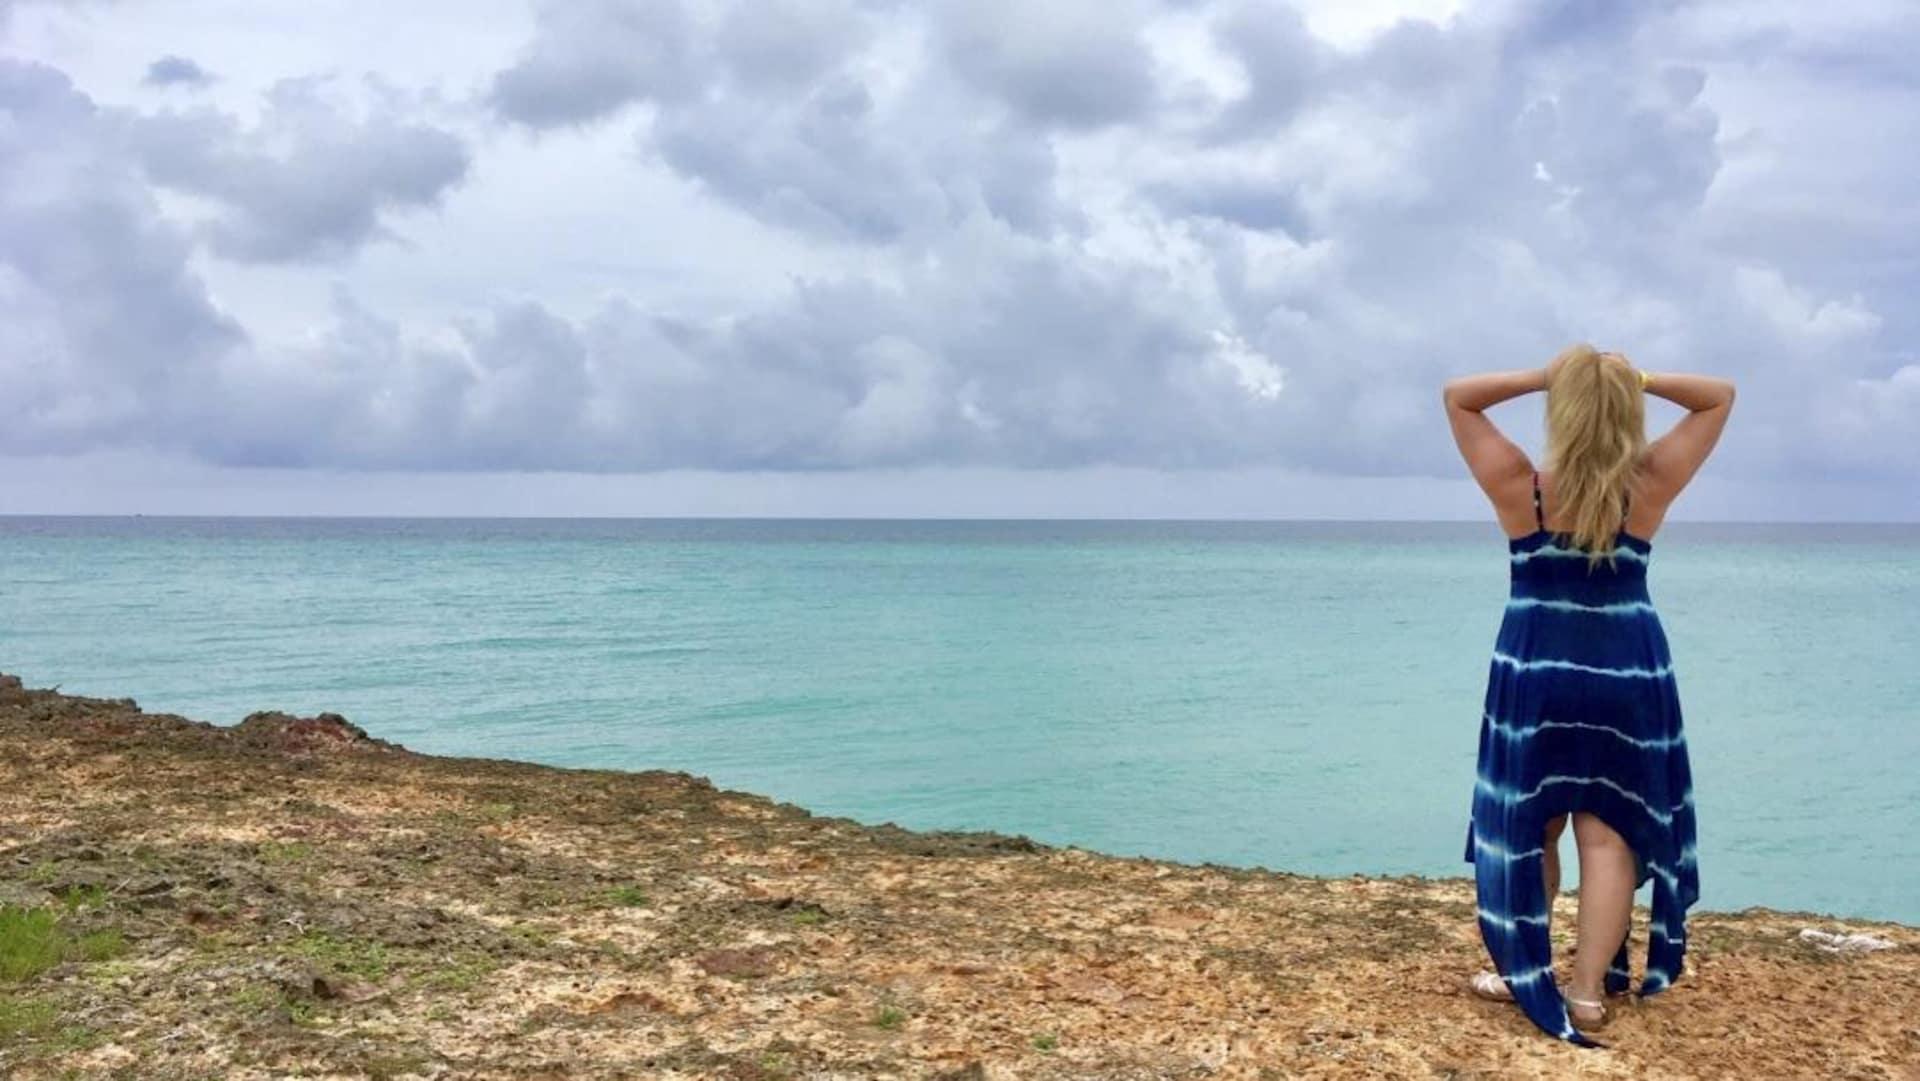 Une femme se tient debout de dos et regarde l'océan turquoise.